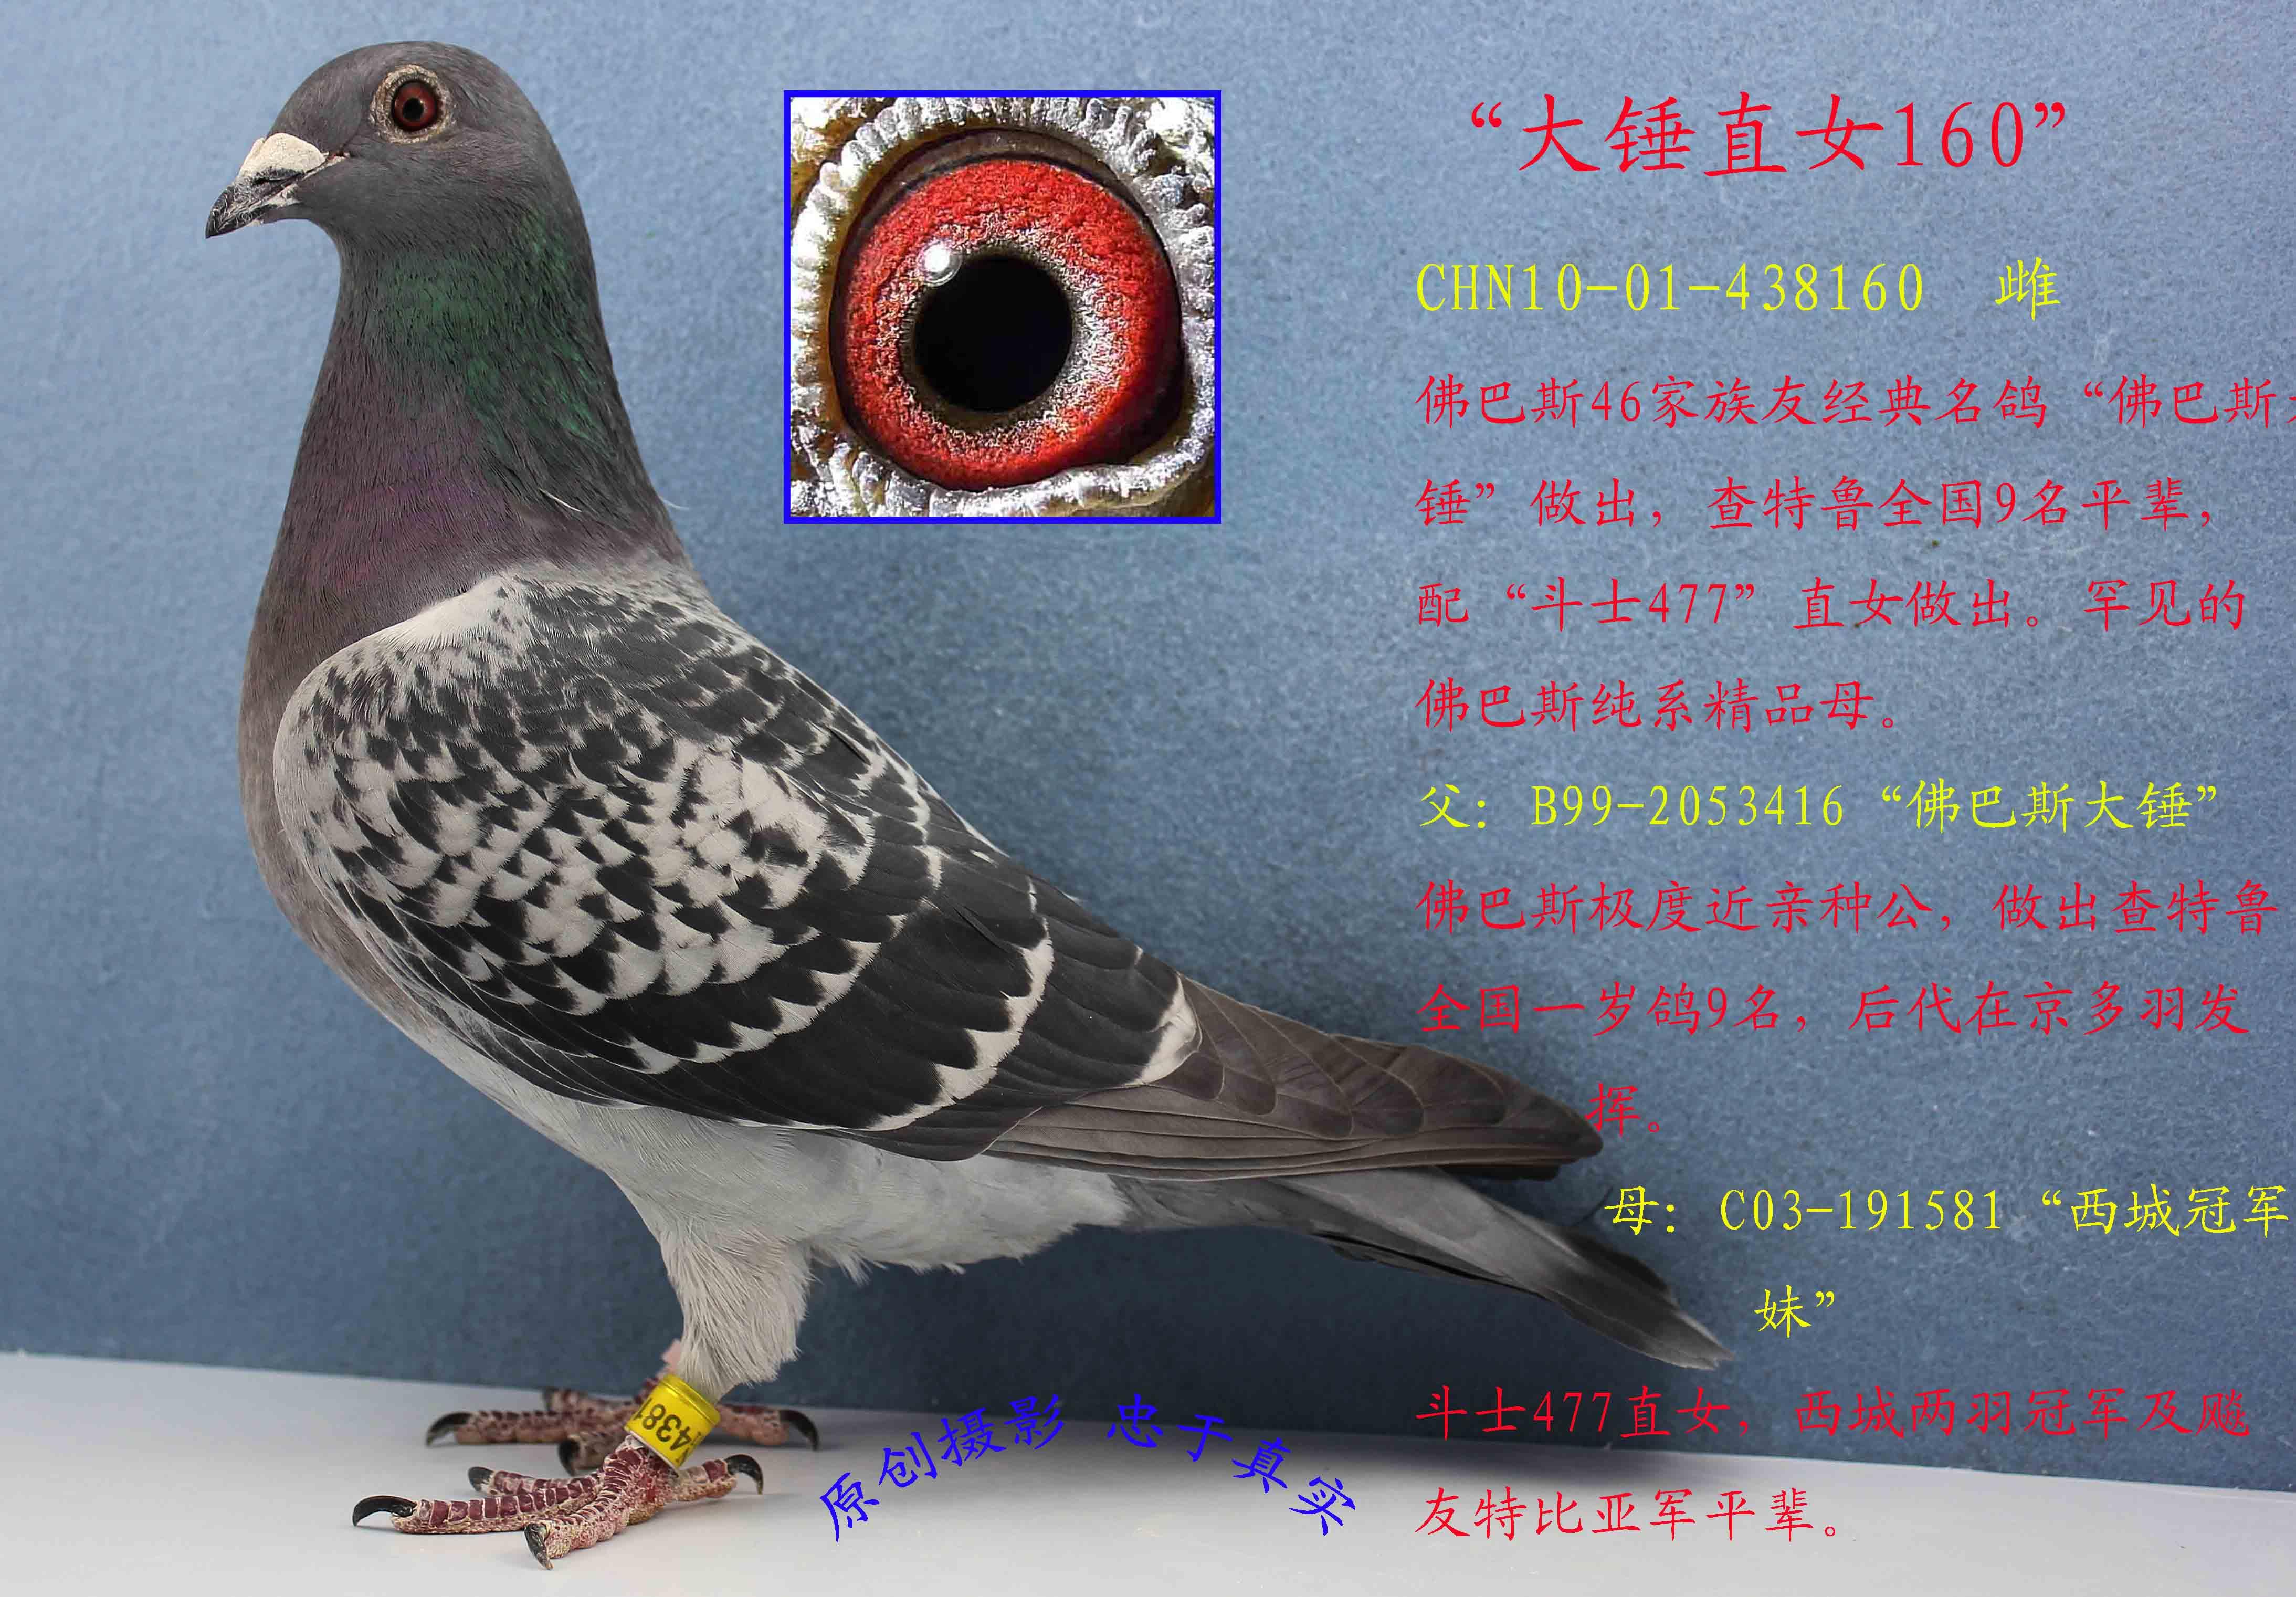 鸟类鸽动物教学外卖鸟鸽子4374_3042图示里面有苍蝇卵图片